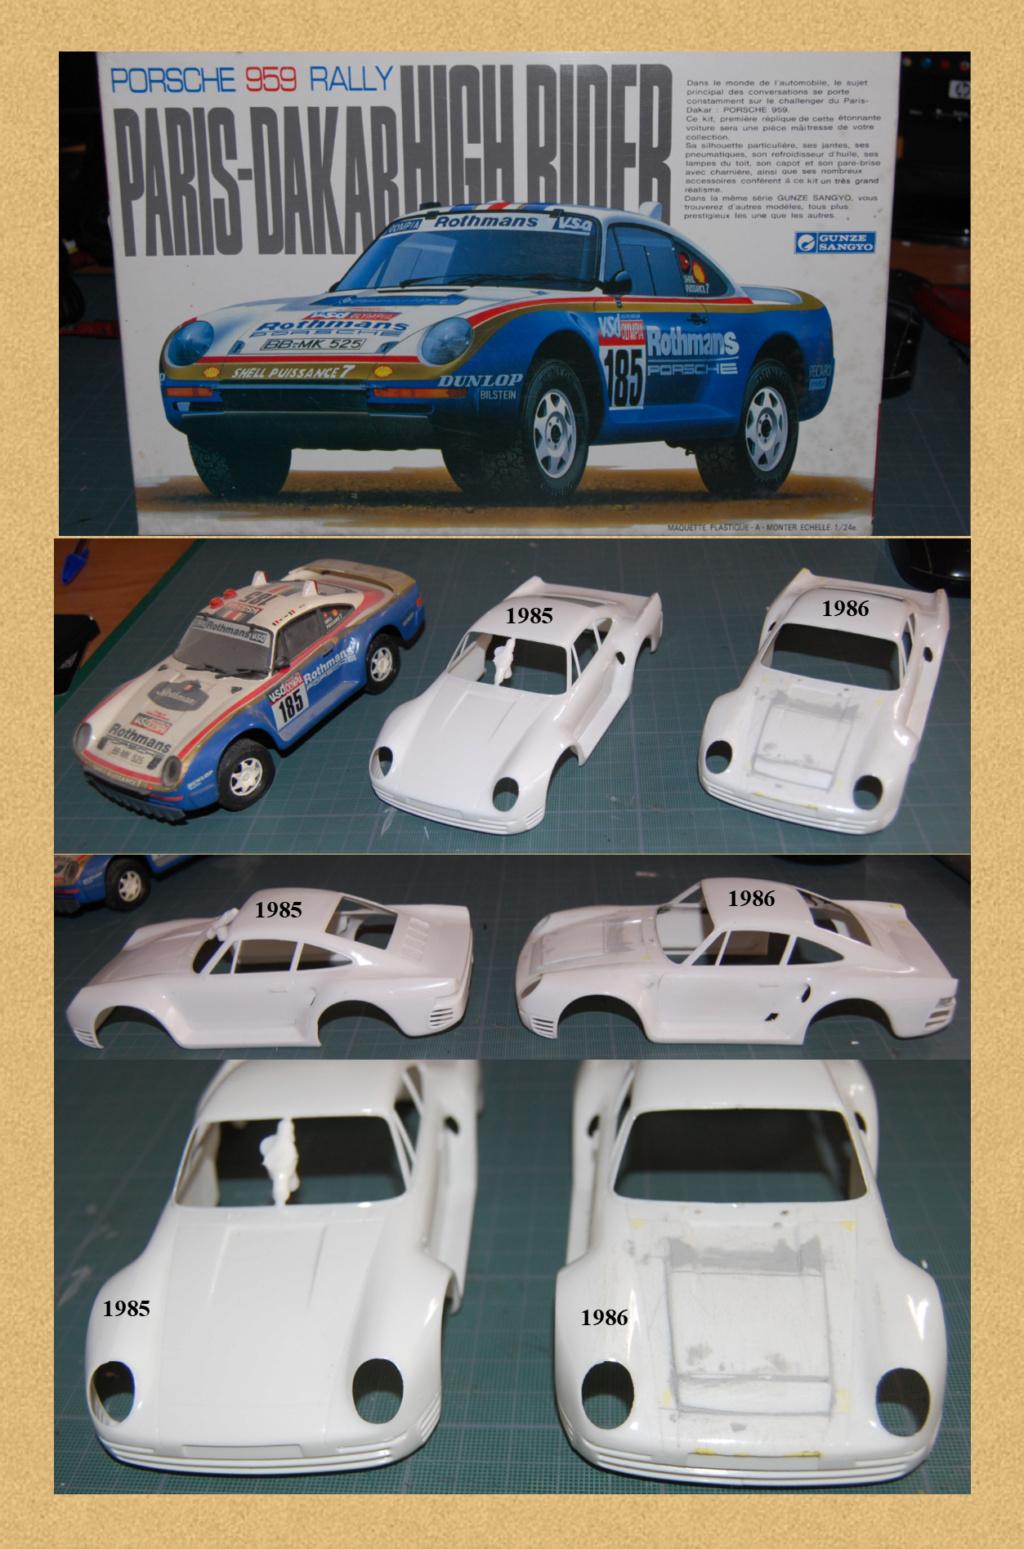 Porsche 959 Paris Dakar 1985 & 1986 Image910